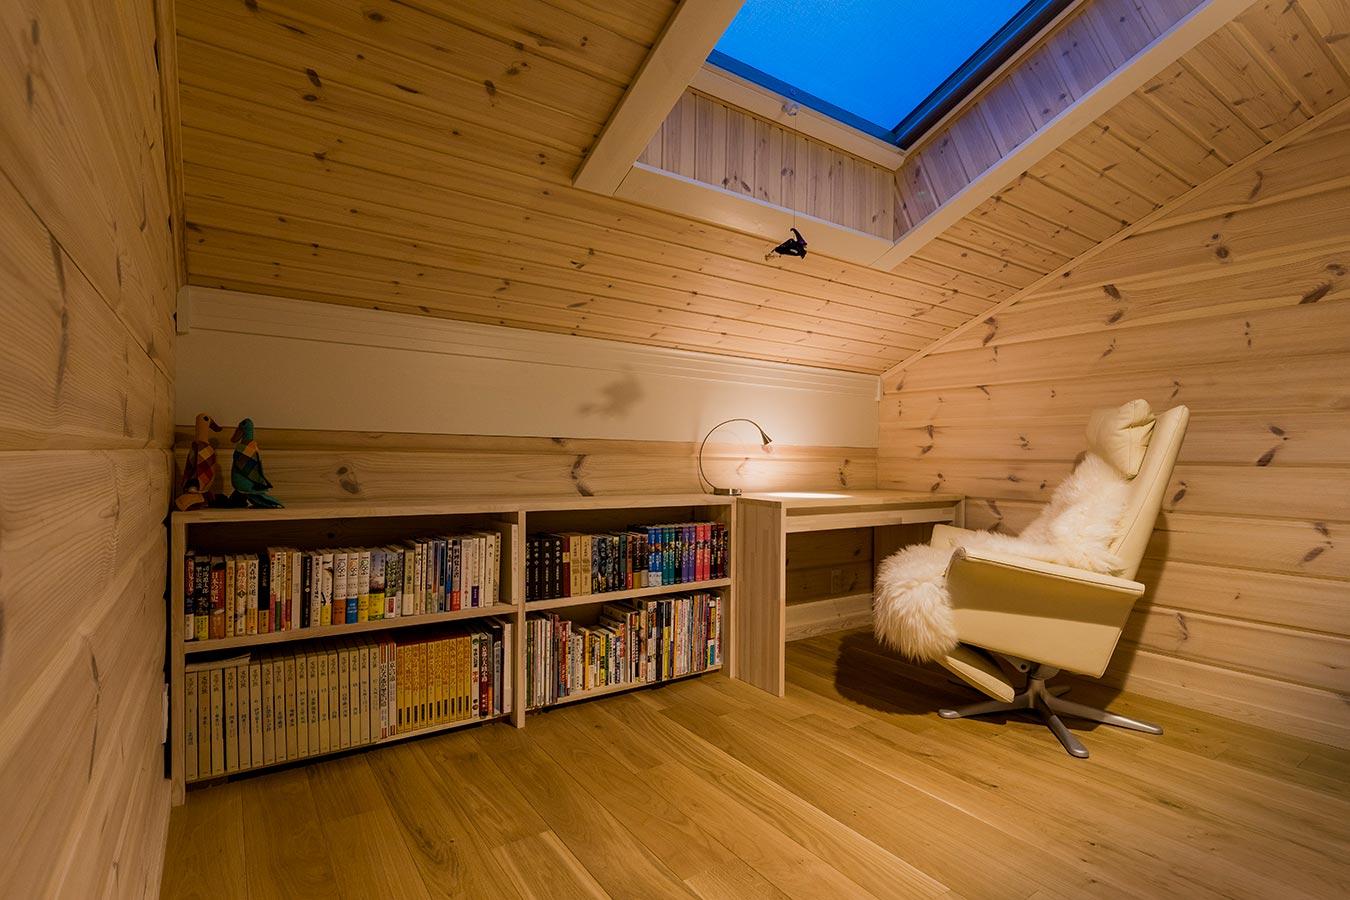 ほどよく包まれた空間は、ホット一息つける場所。空との距離が近く、星の光が部屋を照らします。